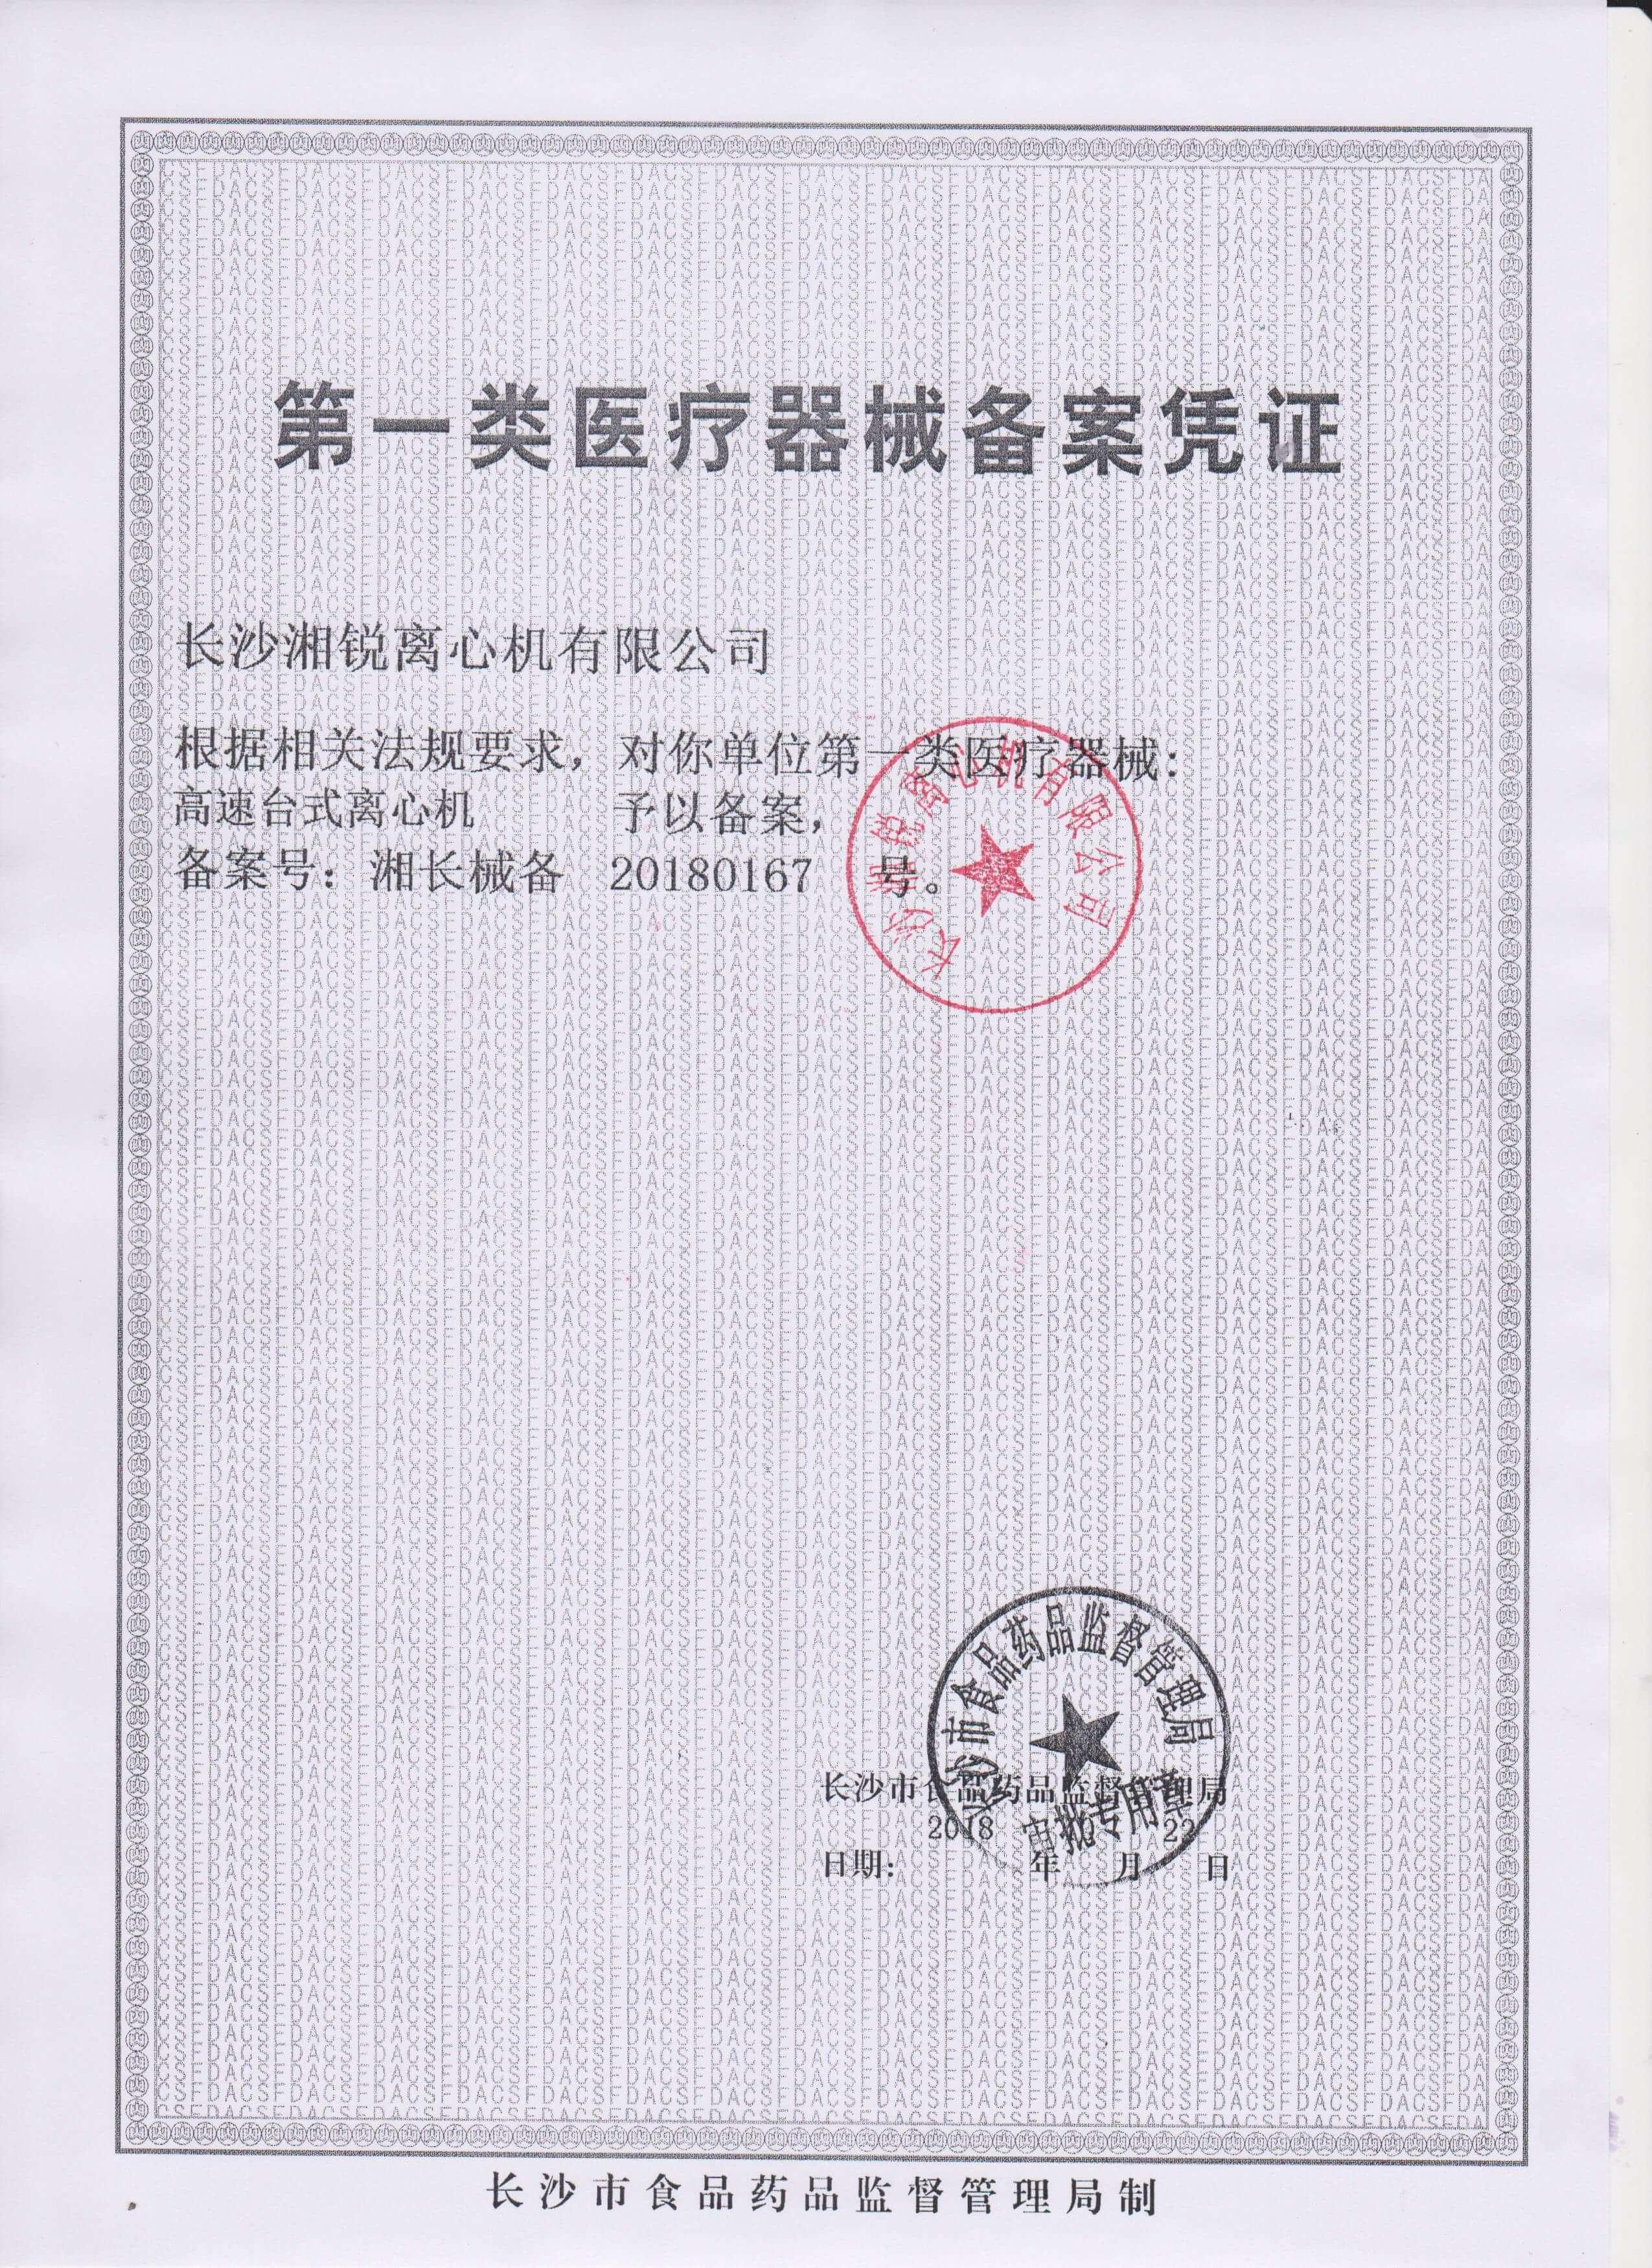 一類醫療器(qi)械dang)赴鈣局(ju)? 咚傯tai)式)20180167